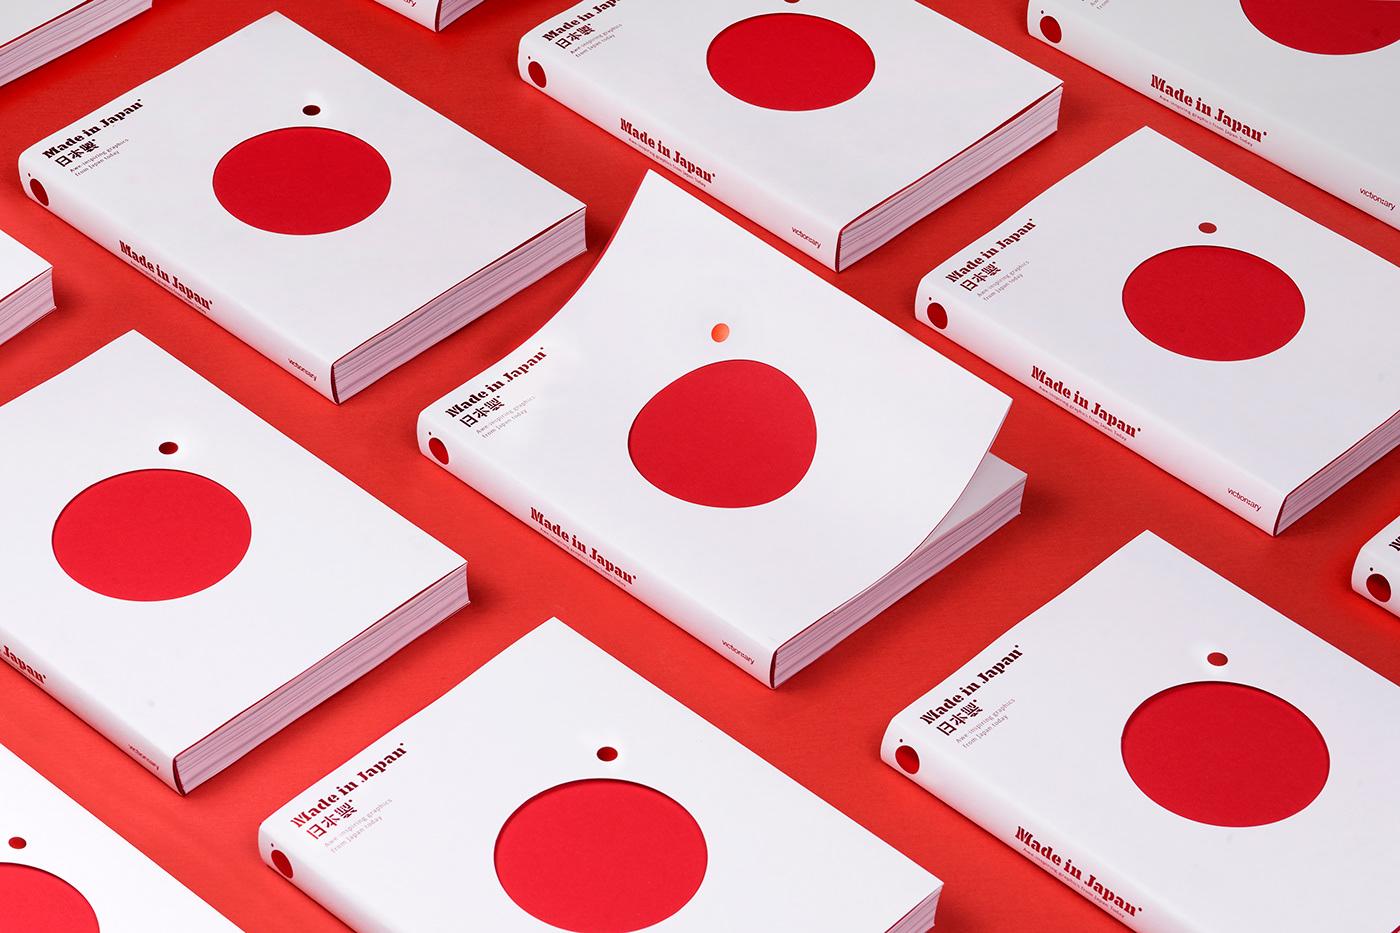 高質感的32個雜誌封面設計欣賞